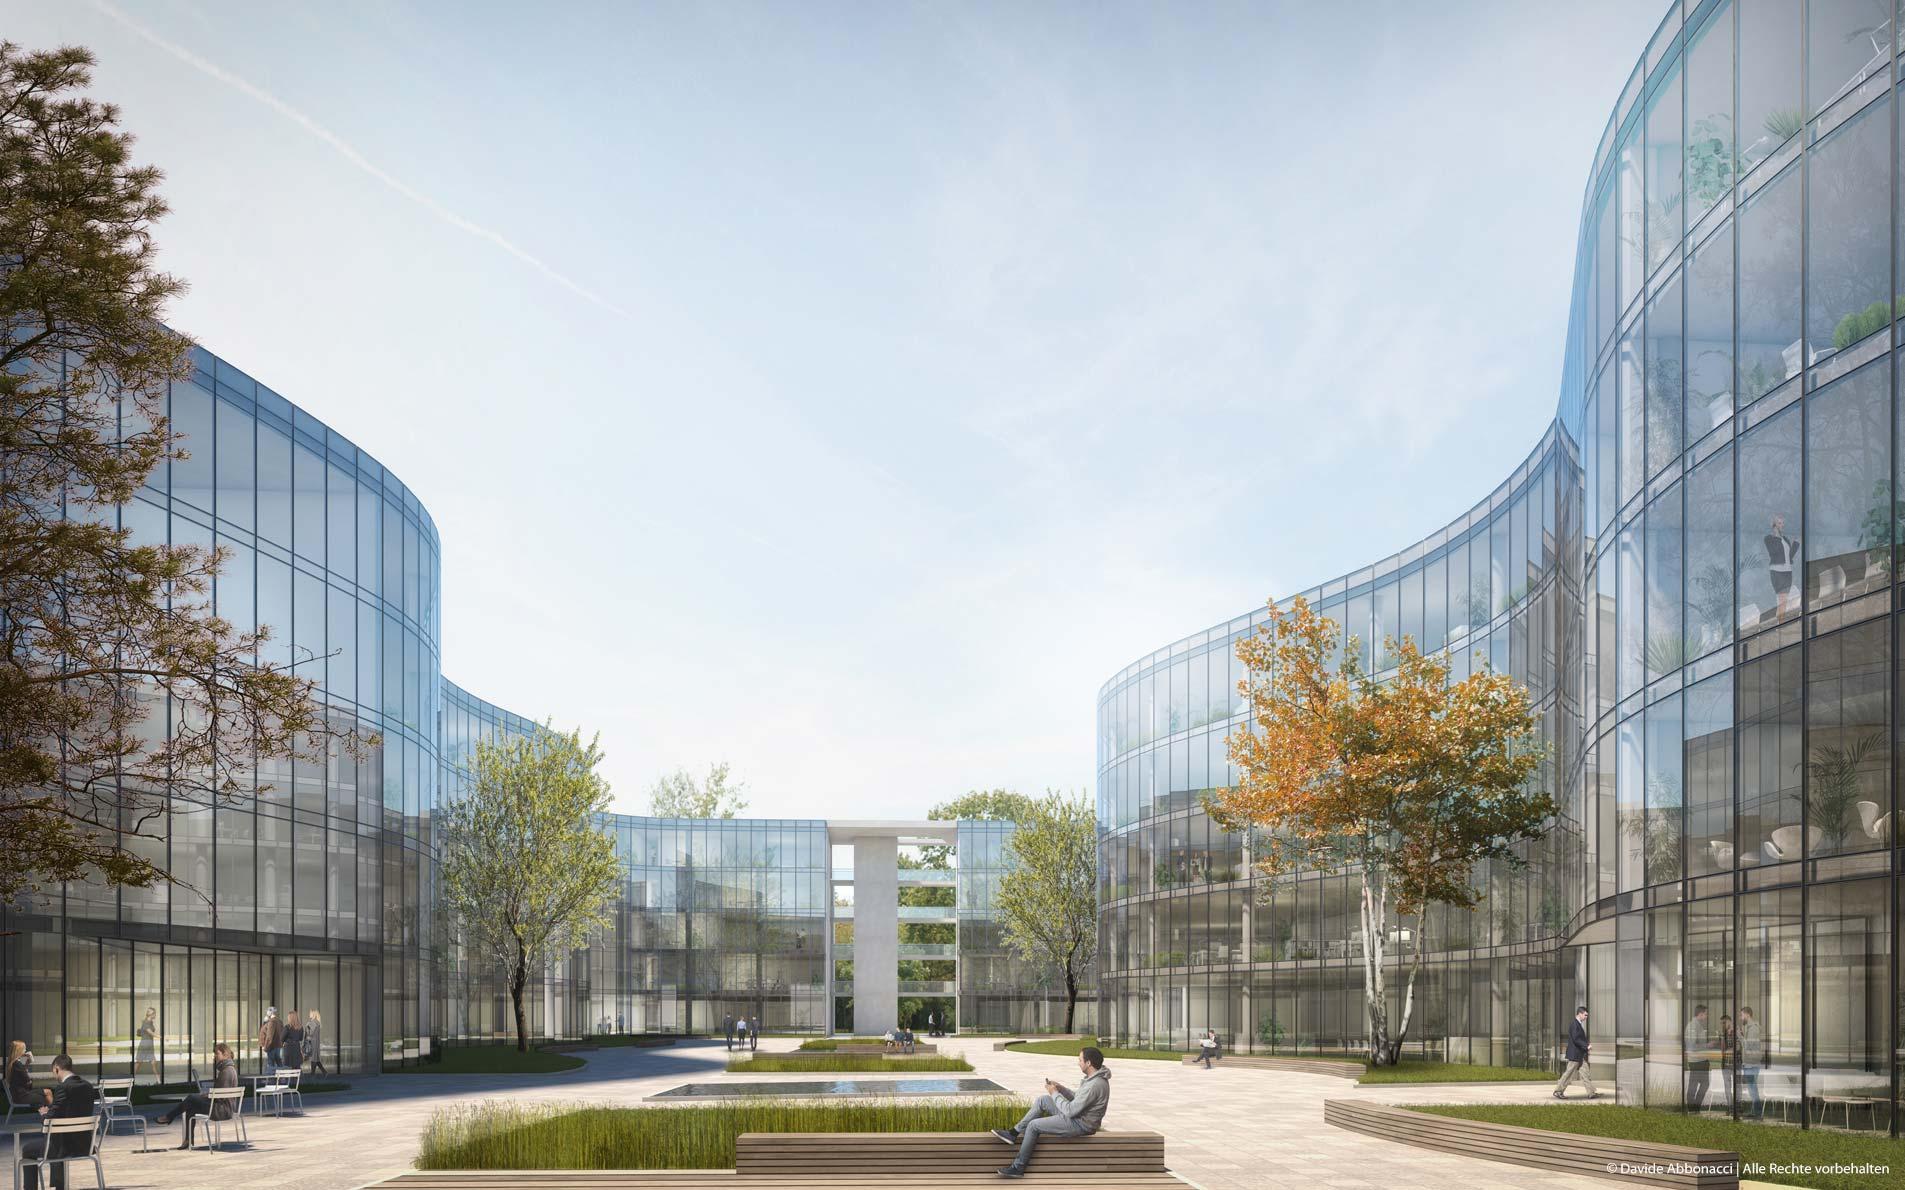 Adlershof - Baufeld 1166, Berlin   brh Architekten + Ingenieure   2016 Wettbewerbsvisualisierung